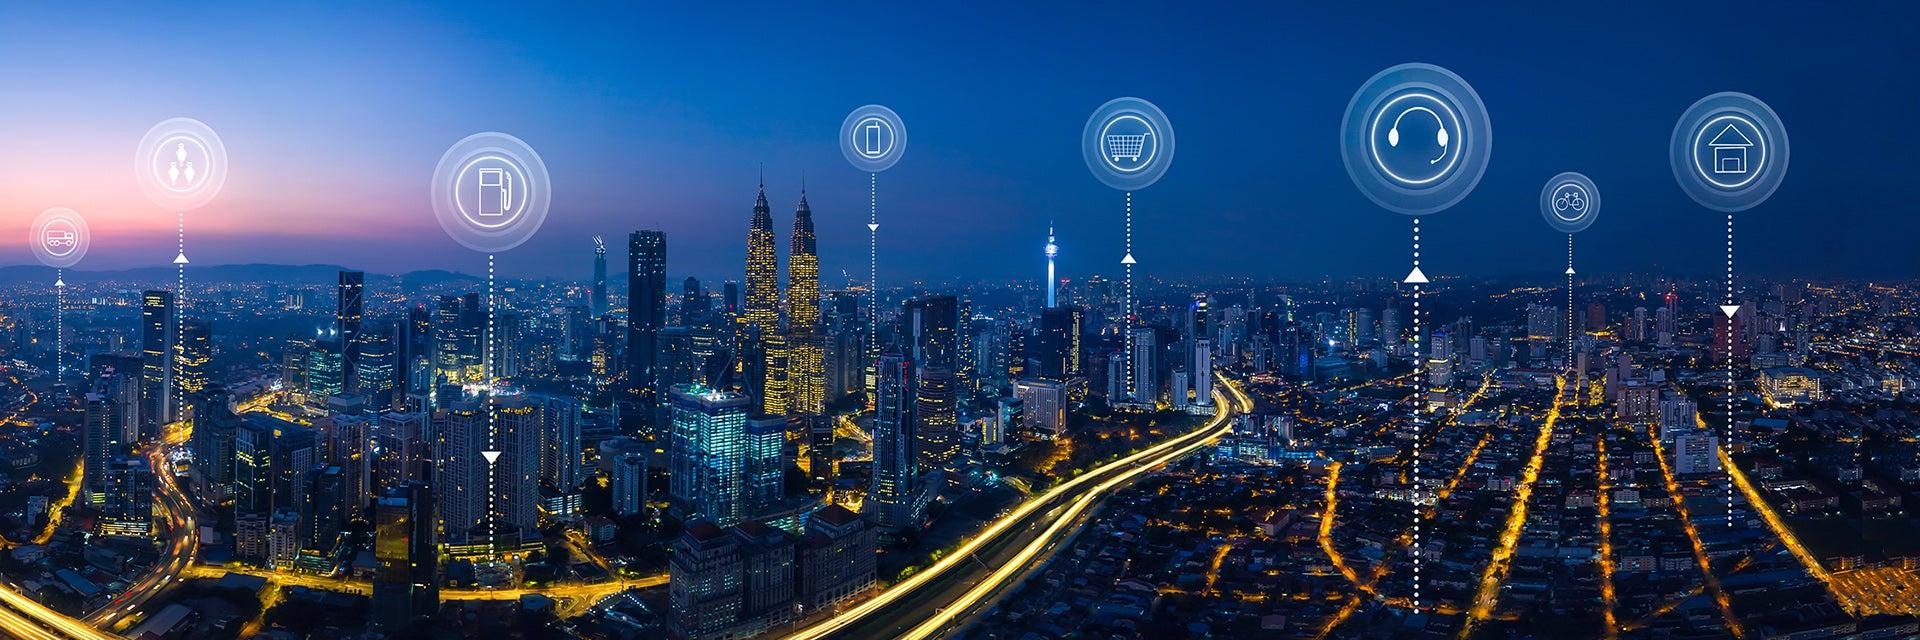 Lumen et l'ère de la communication des données numériques